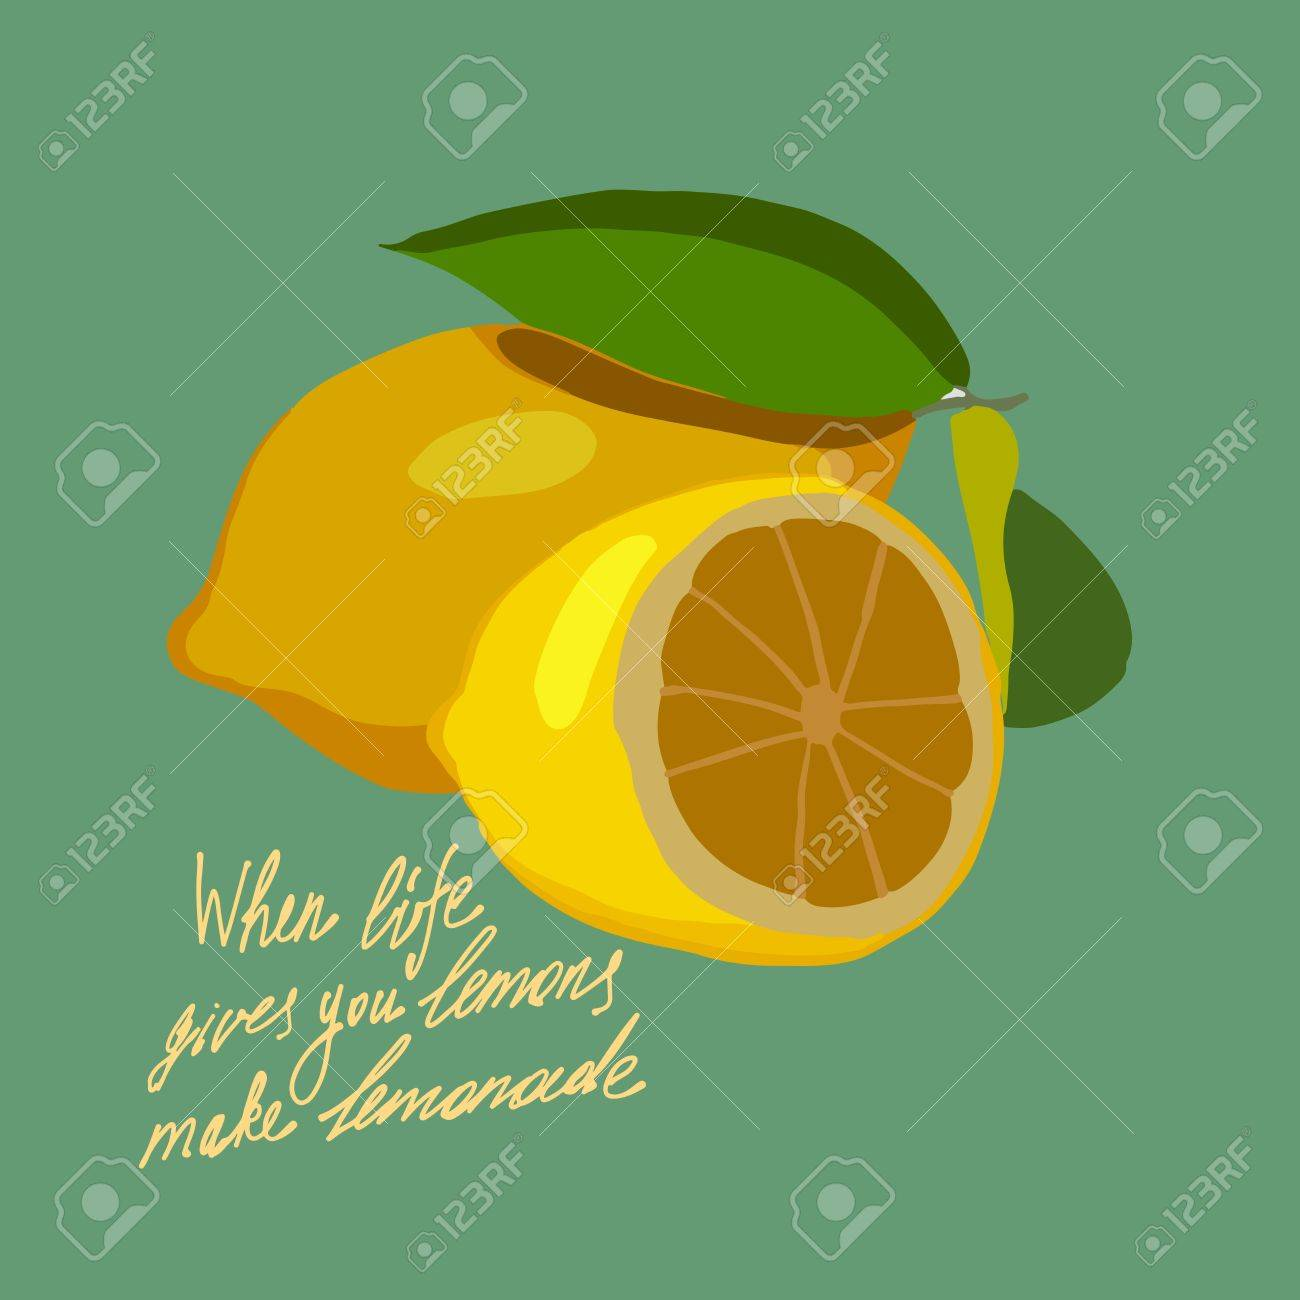 Handdrawin Lettering When Life Gives You Lemons Make A Lemonade